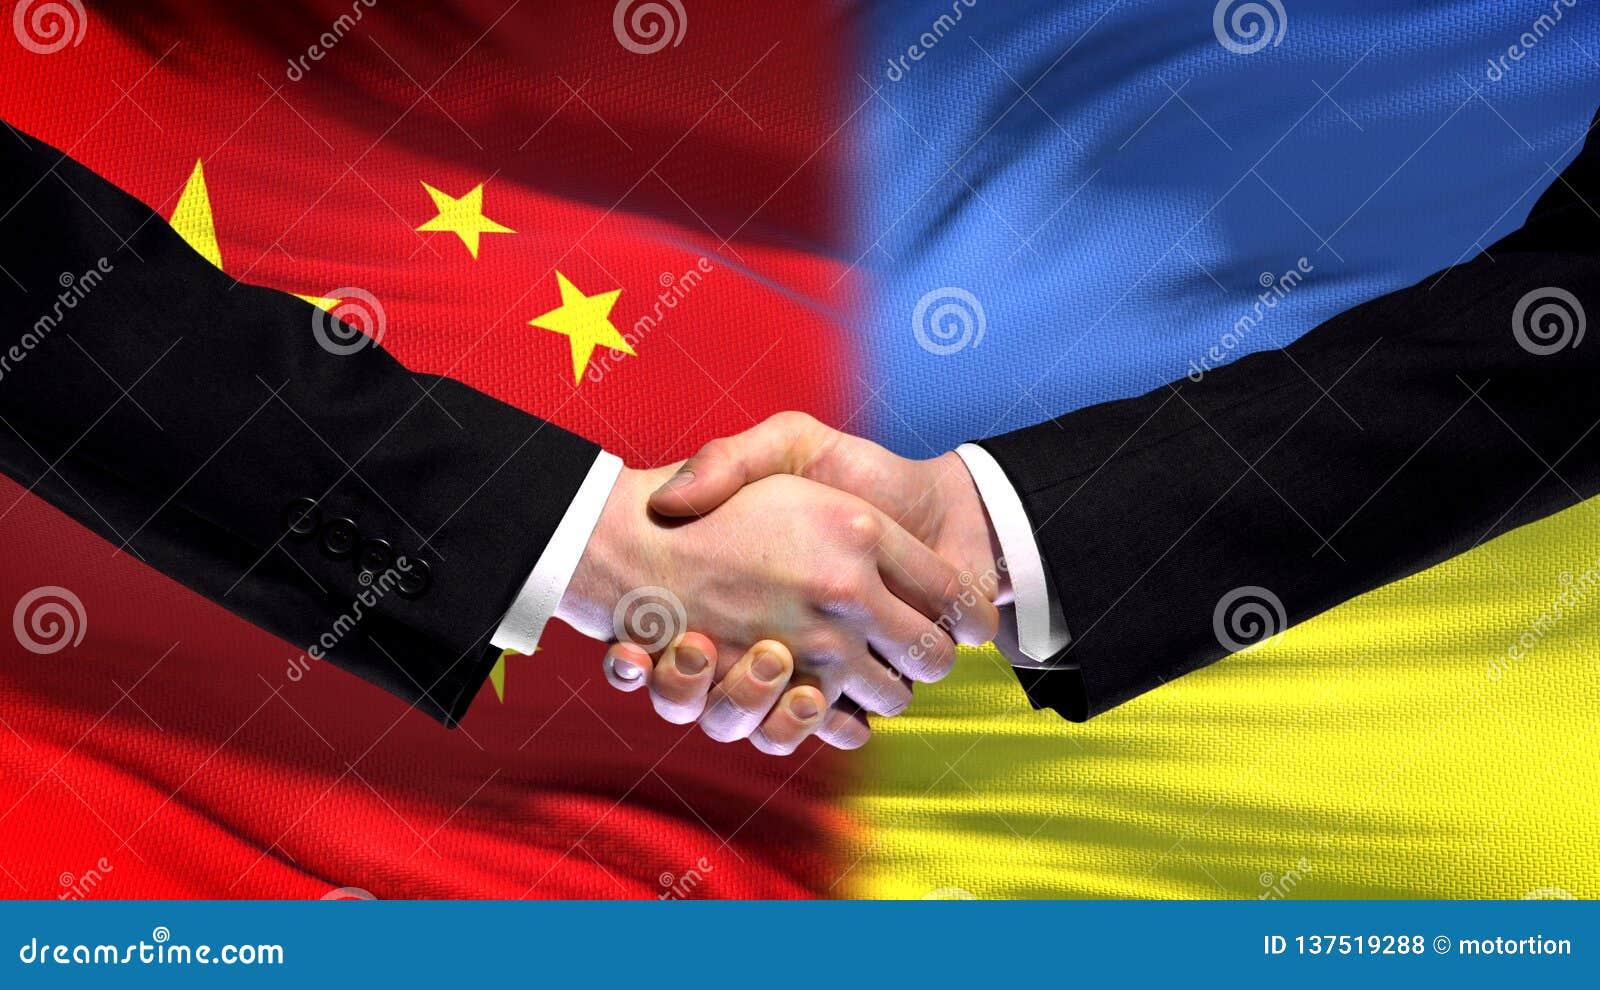 Рукопожатие Китая и Украины, международные отношения приятельства, предпосылка флага